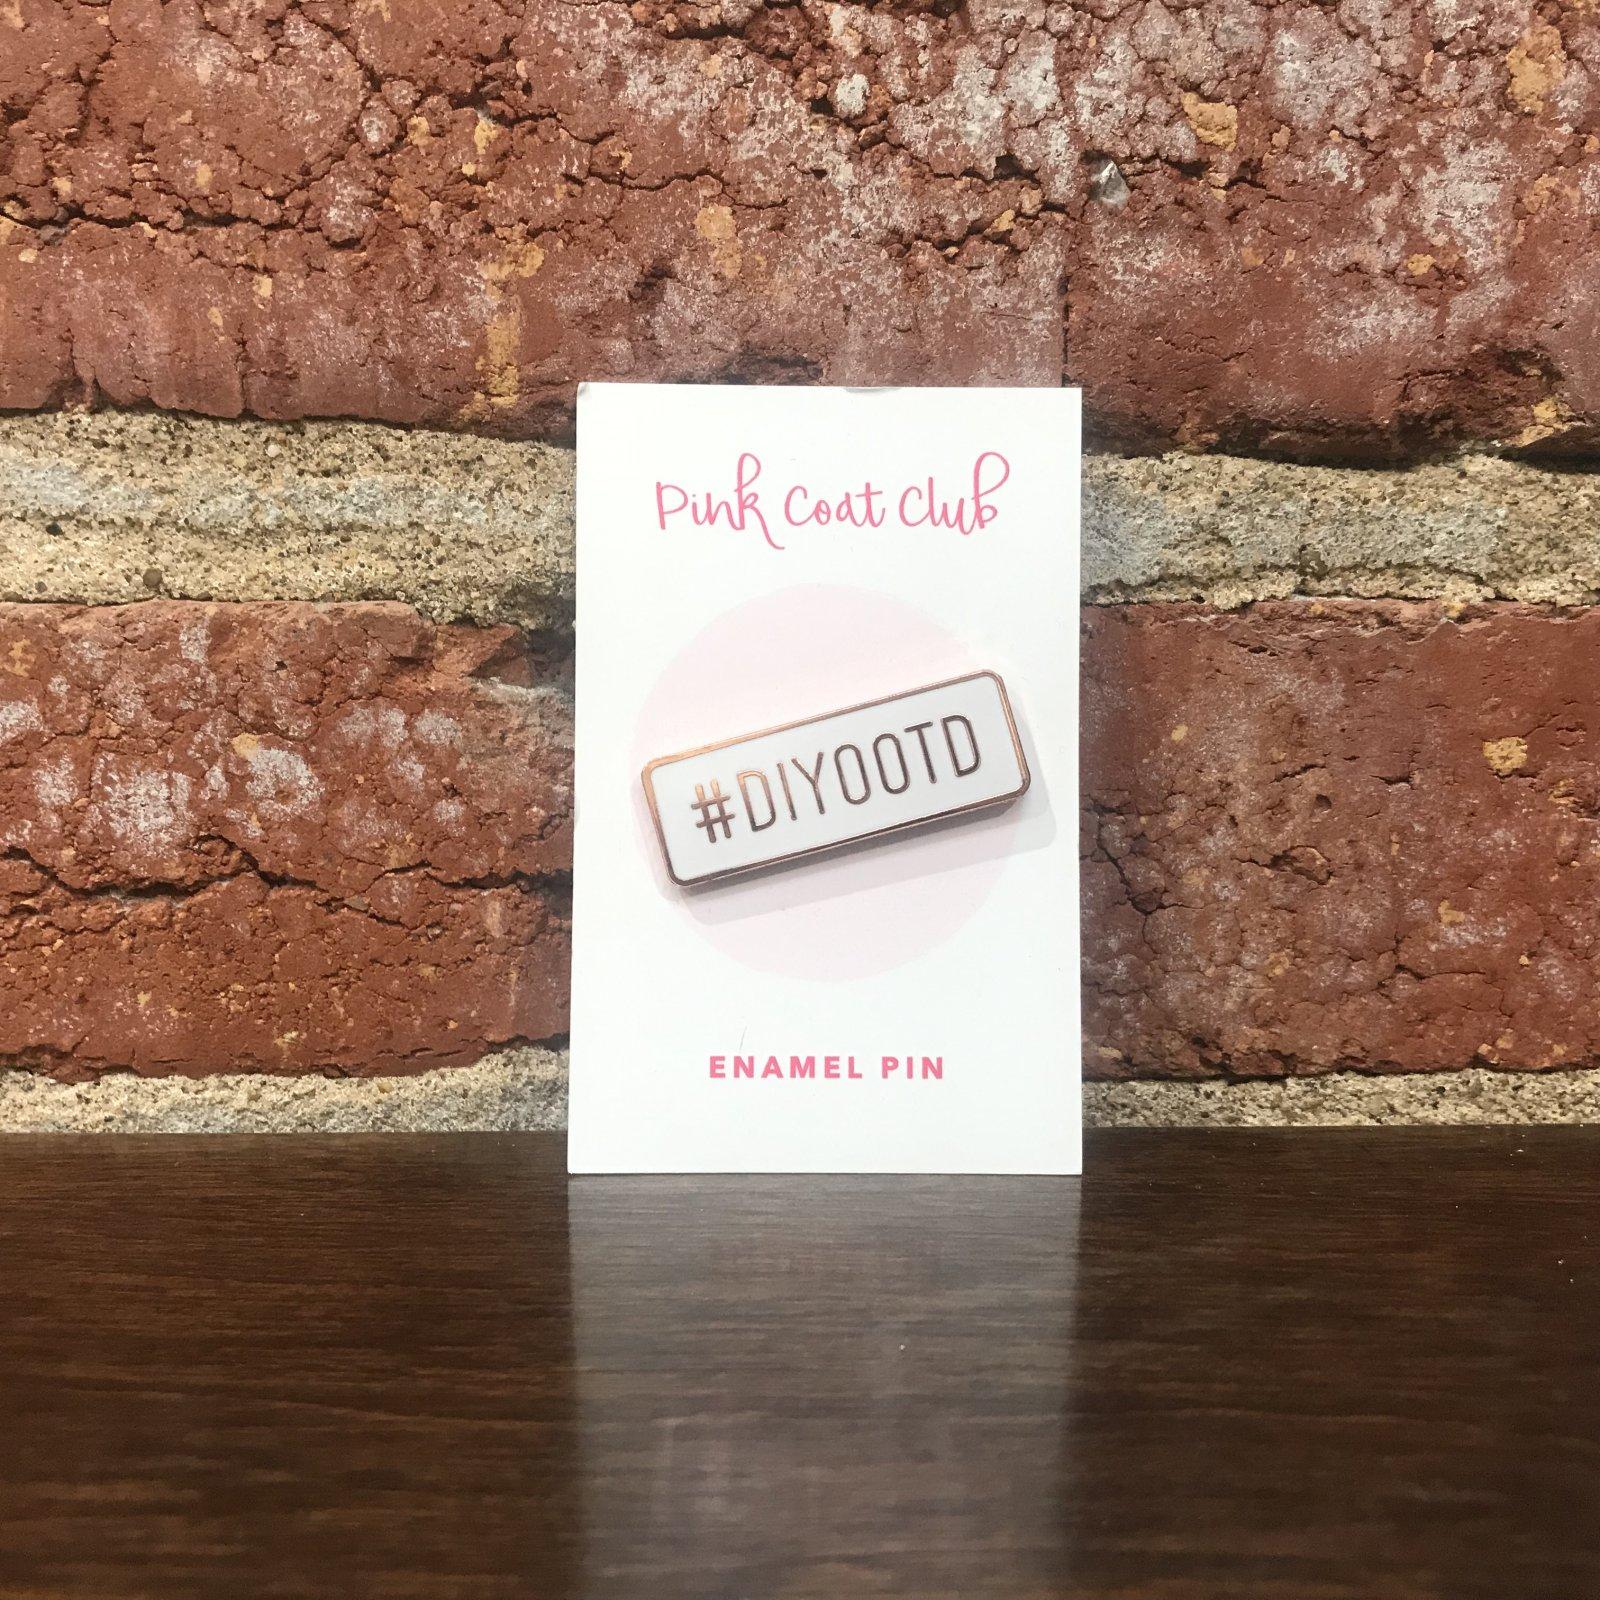 DIYOOTD - White/Rose Gold - Pink Coat Club Pin